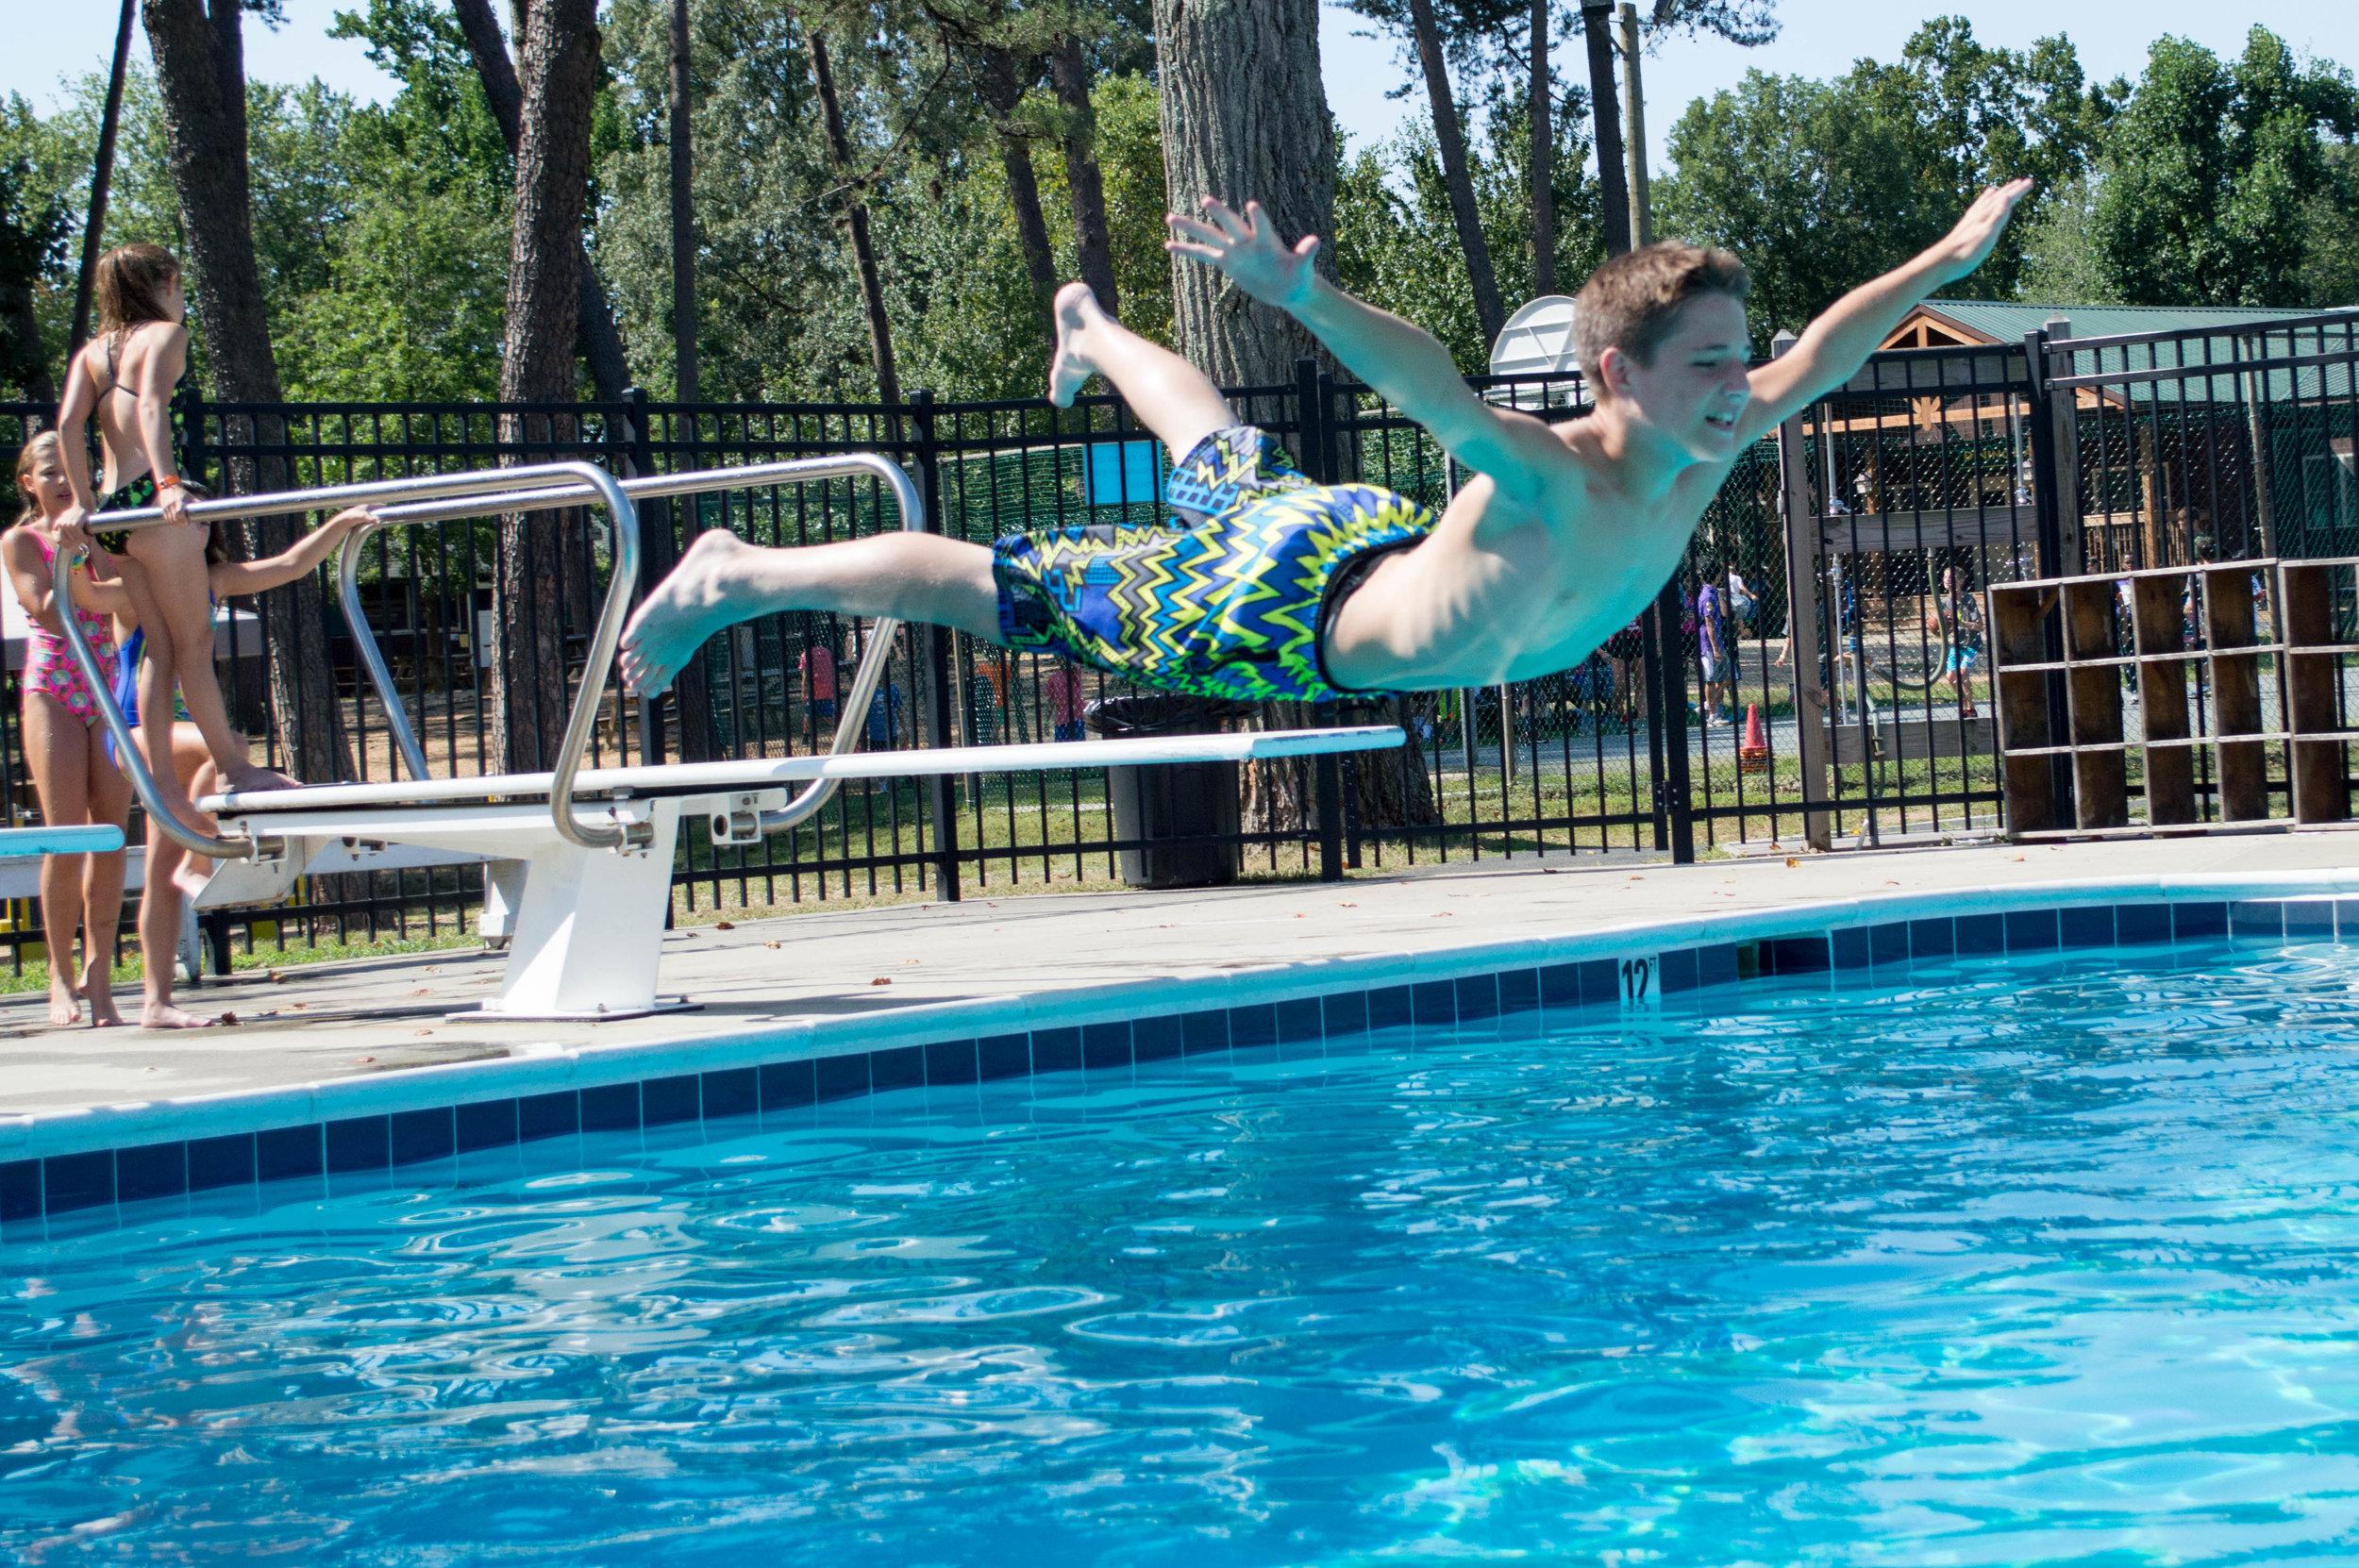 Pool - Week 8 - Friday Period 2 Pool-1692.jpg